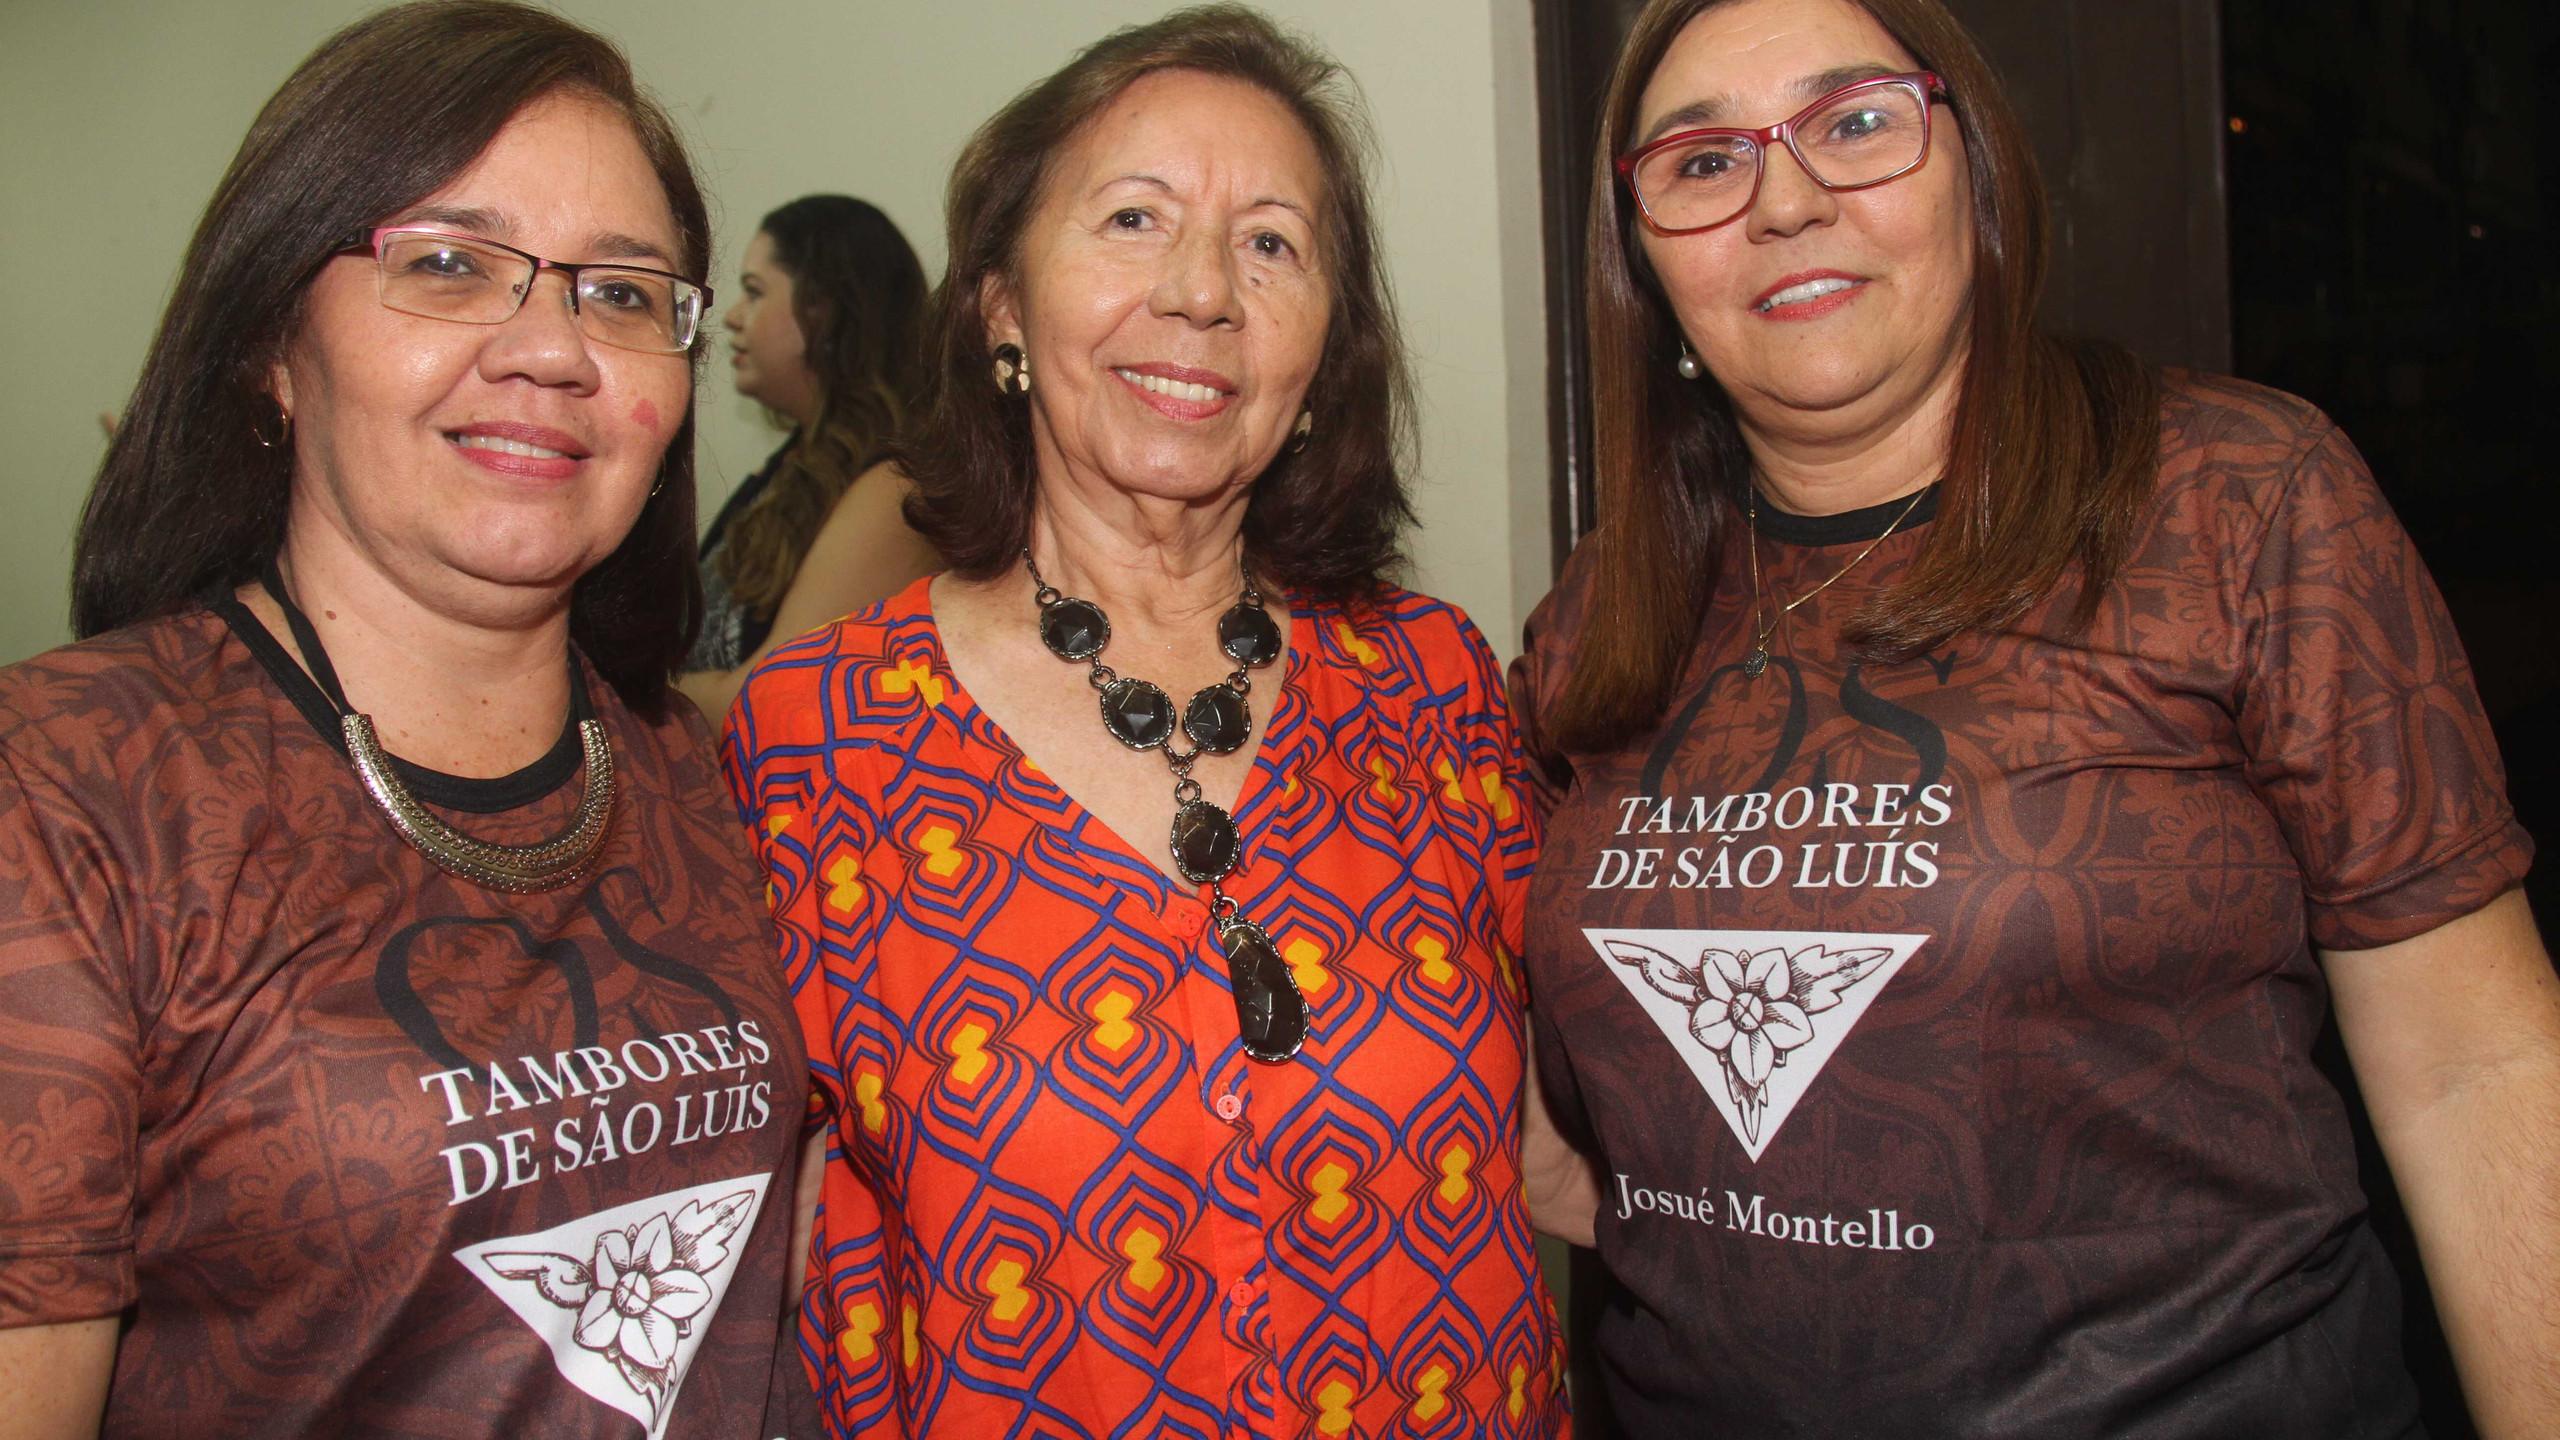 A bibliotecária Wanda França de Sousa, Mirian Angelim da Academia São Pedroense de Letras e a gestora da Casa de Cultura Josué Montello Joseane Souza